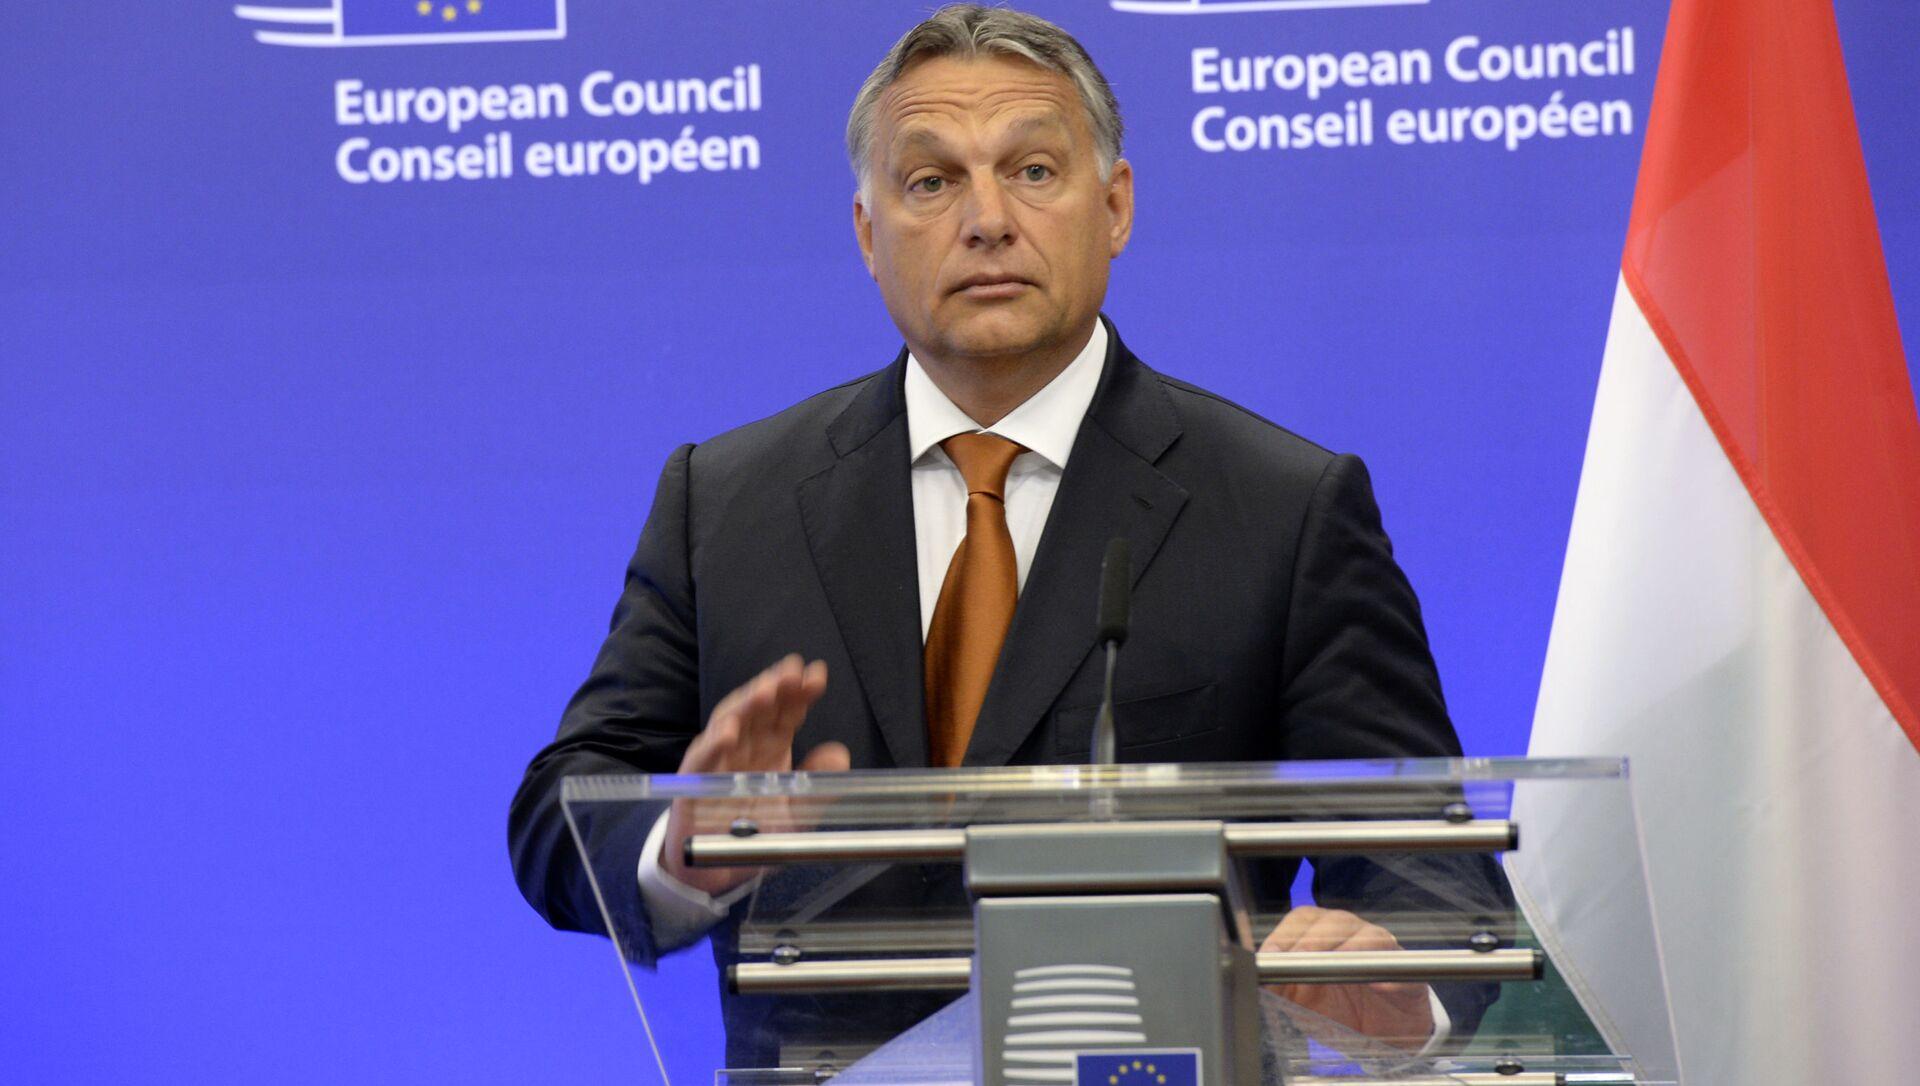 Premier Węgier Victor Orban podczas wystąpienia w Brukseli - Sputnik Polska, 1920, 28.02.2021